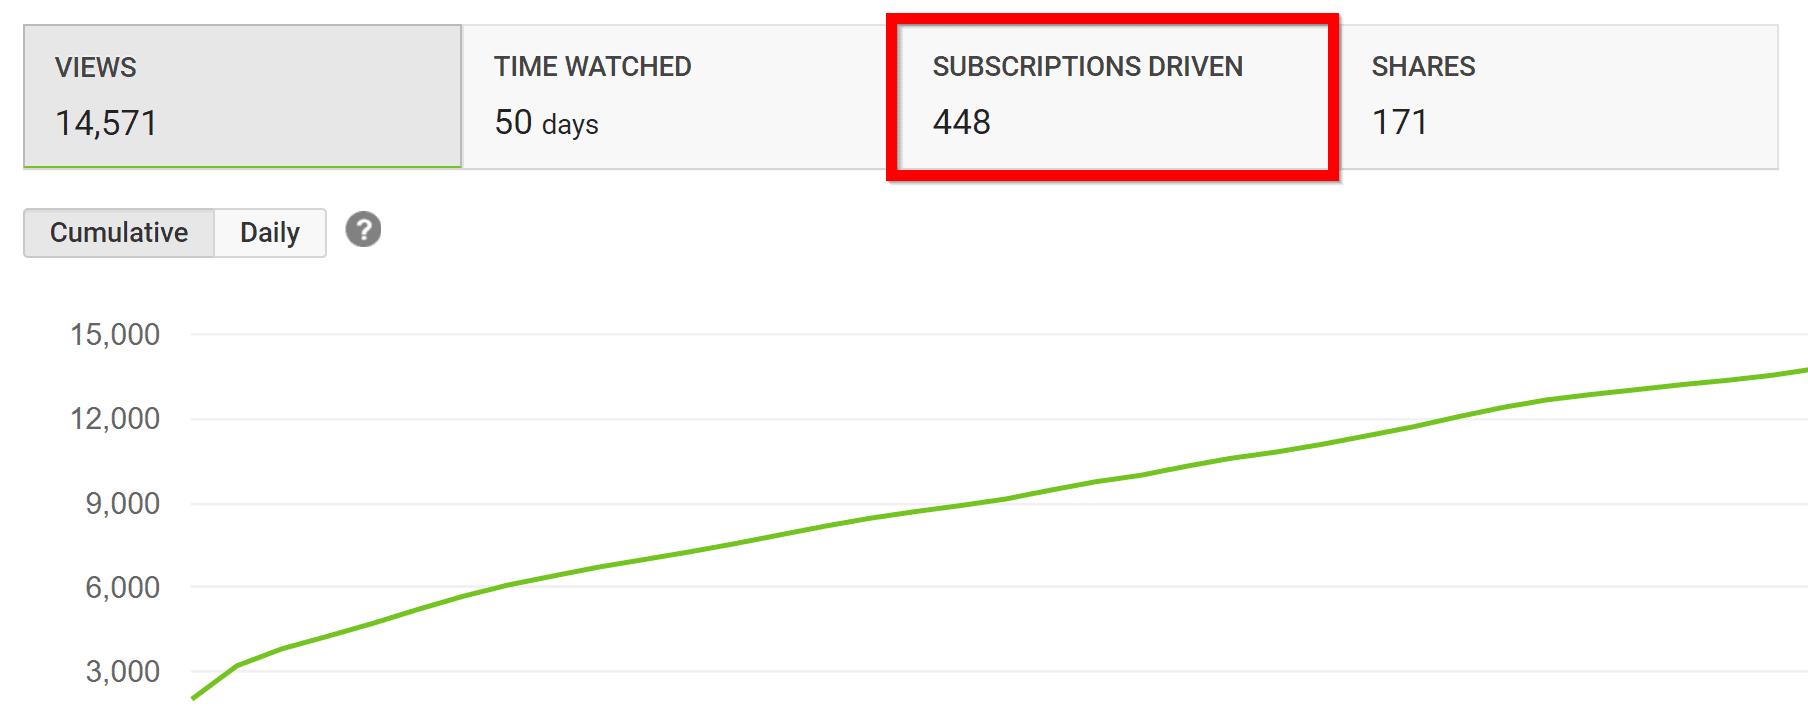 subscriptions driven